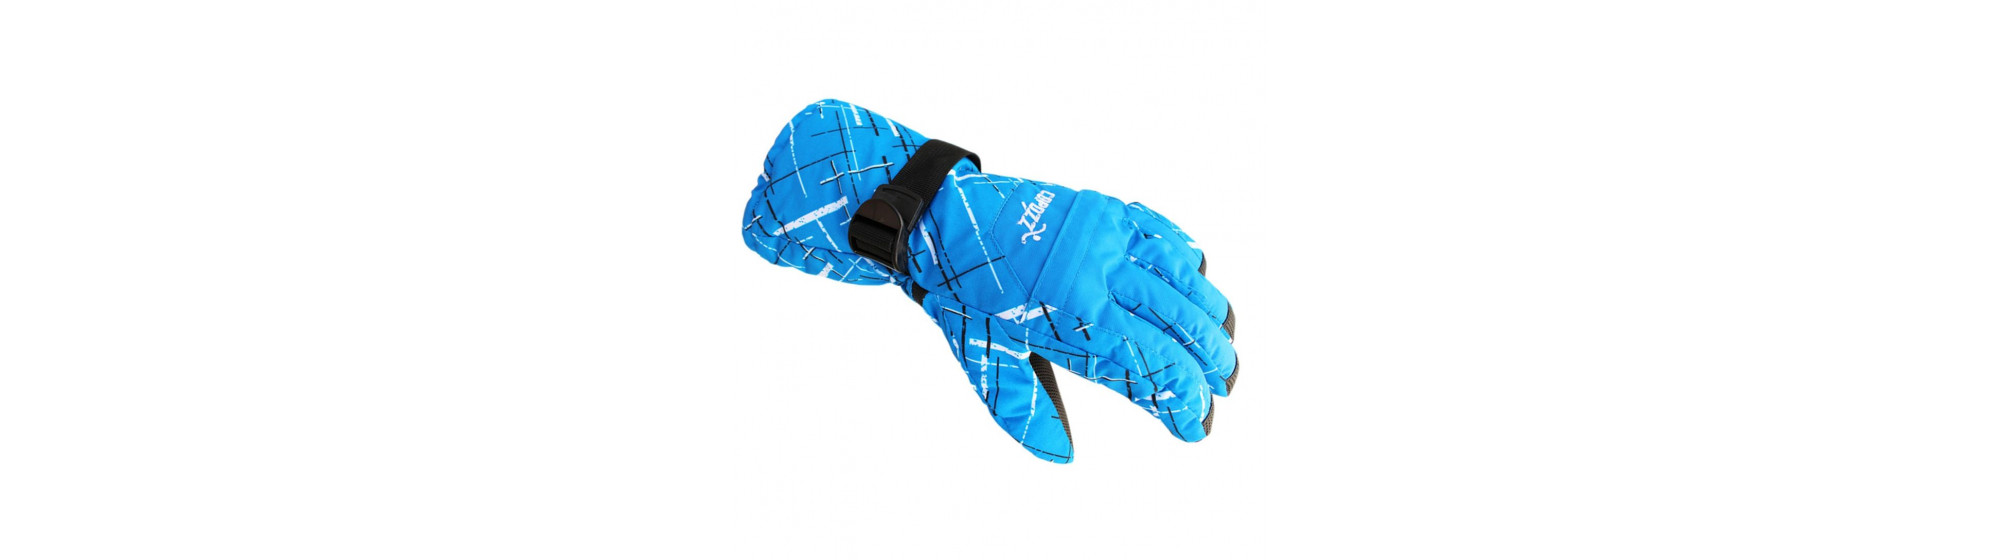 У нас большой выбор горнолыжных перчаток